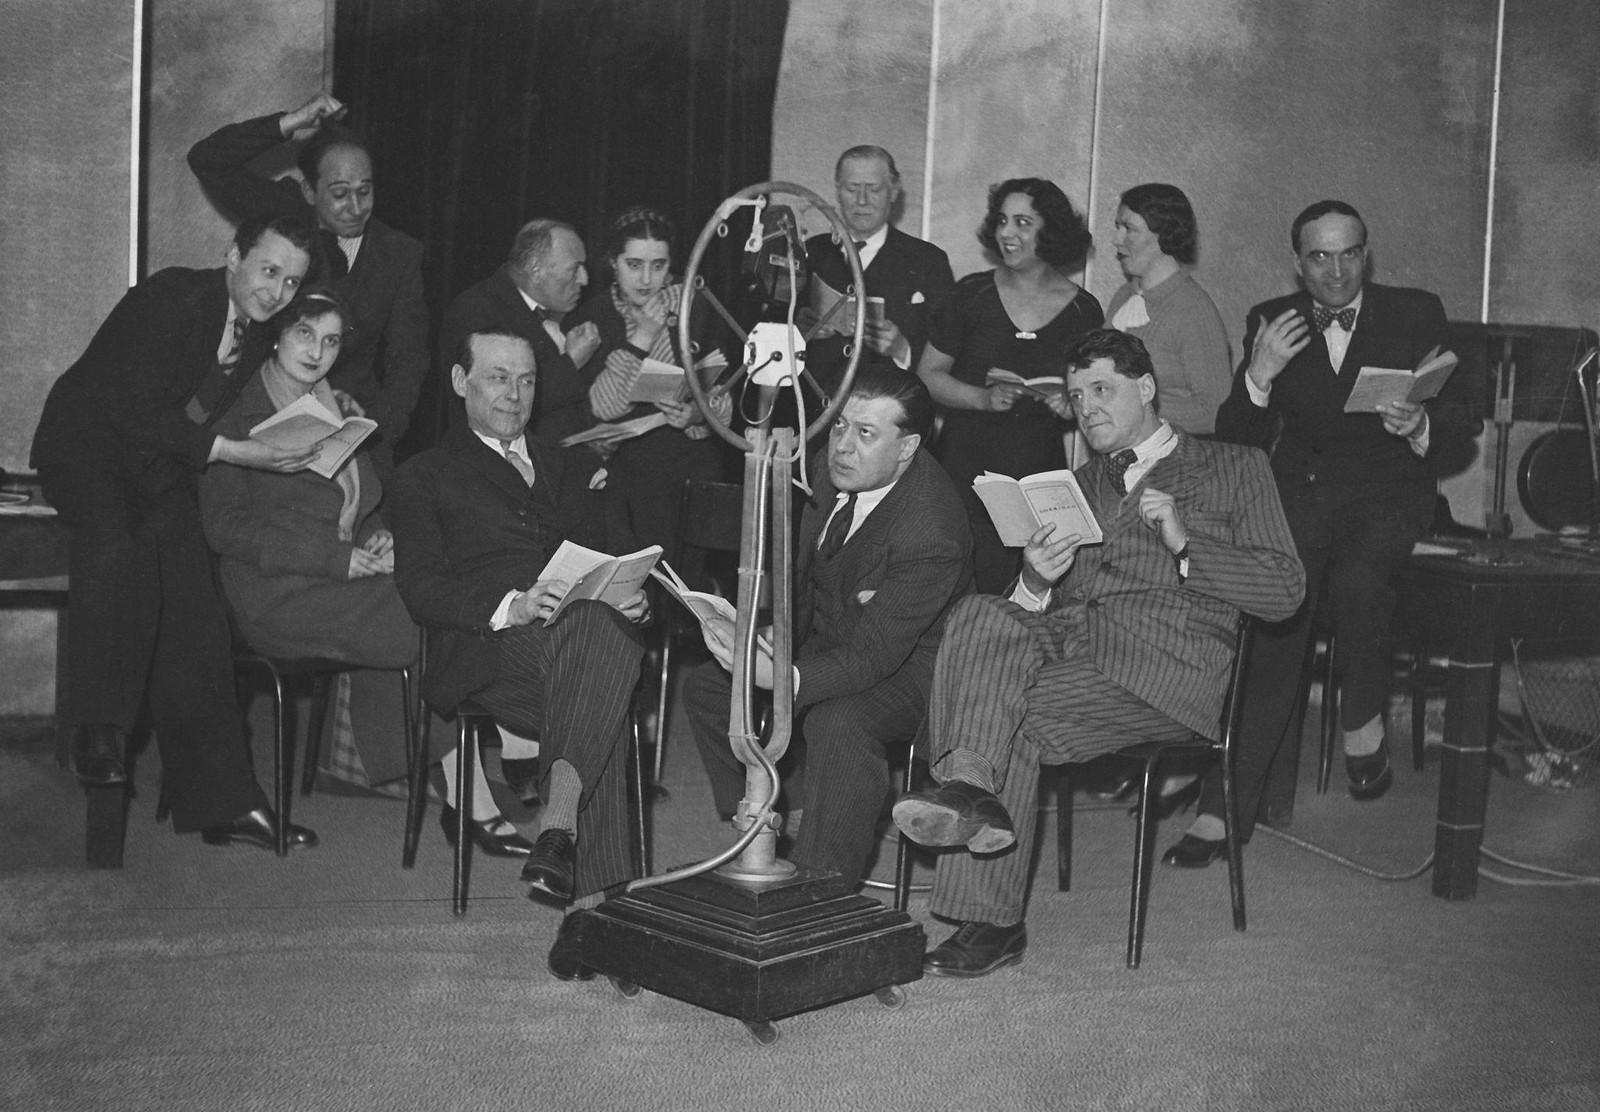 16. 1935. Поль Кастан, директор Эйфелевой башни